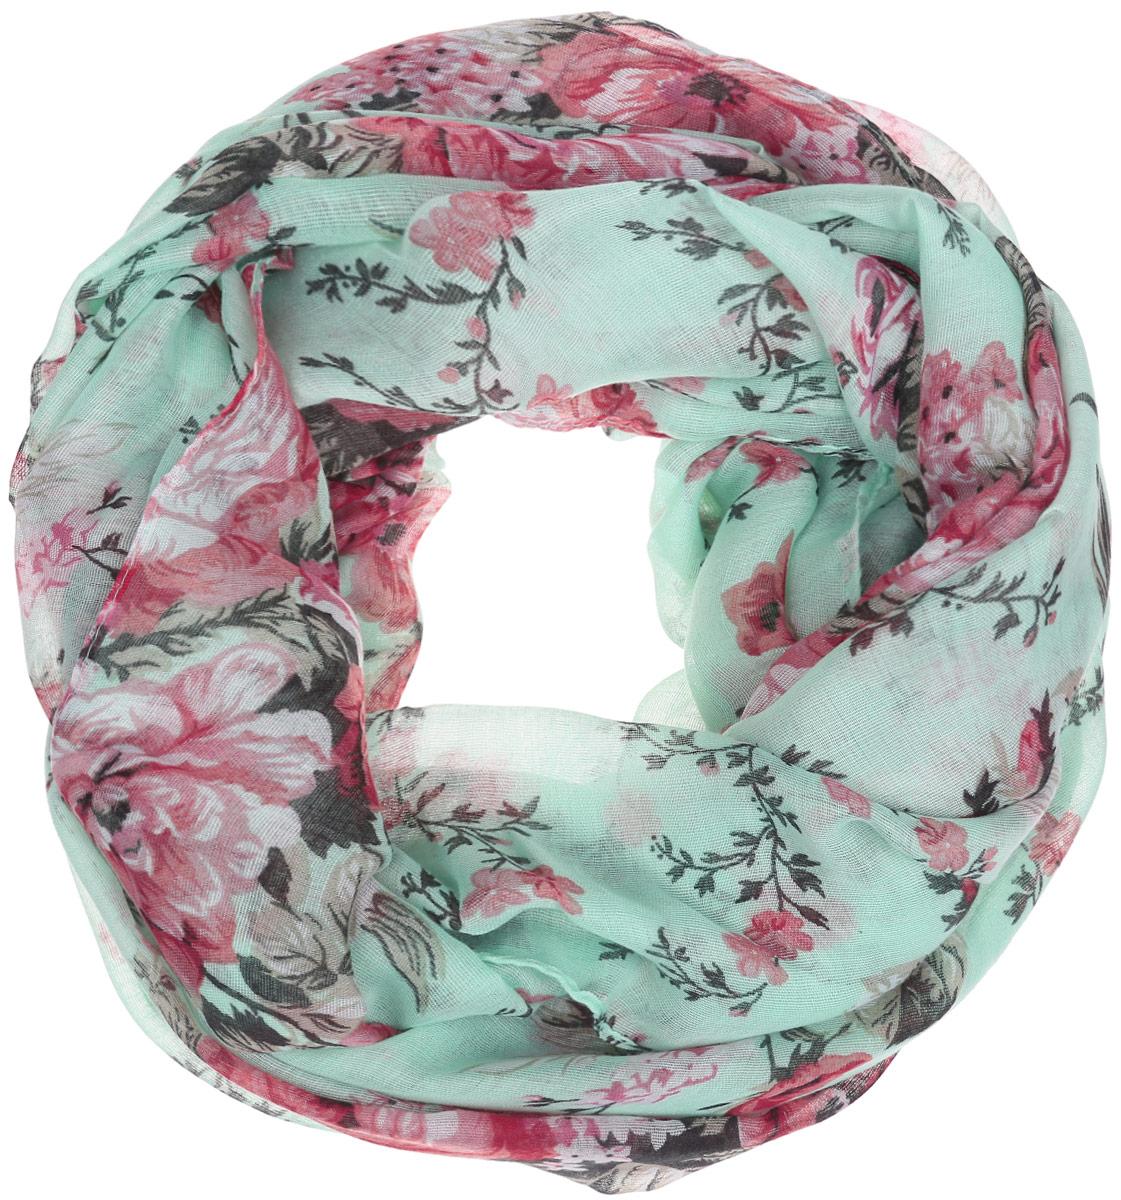 Палантин женский Labbra, цвет: мятный, розовый. LG31-487. Размер 90 см х 180 смLG31-487Элегантный палантин Labbra станет достойным завершением вашего образа.Палантин изготовлен из вискозы. Модель оформлена оригинальным цветочным принтом. Палантин красиво драпируется, он превосходно дополнит любой наряд и подчеркнет ваш изысканный вкус.Легкий и изящный палантин привнесет в ваш образ утонченность и шарм.